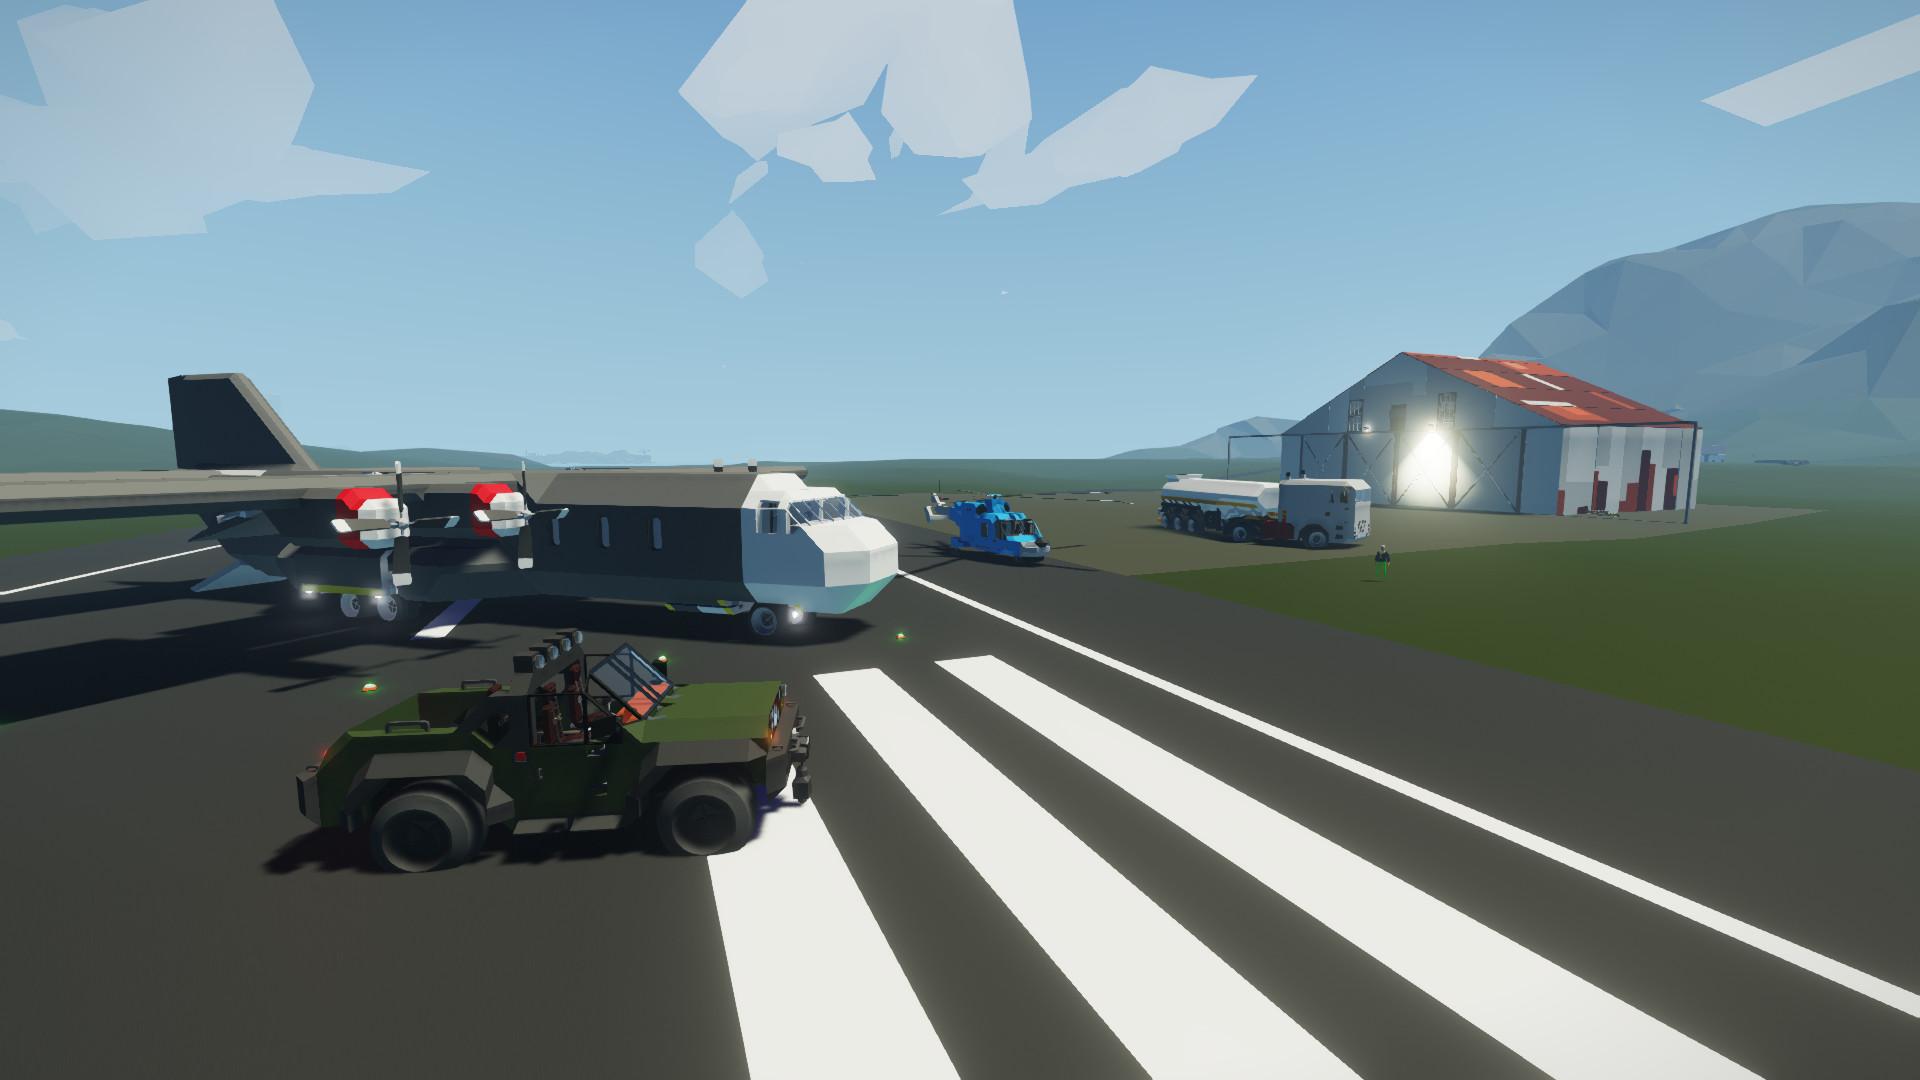 Скриншот Stormworks Build and Rescue v0.7.17 скачать торрент бесплатно